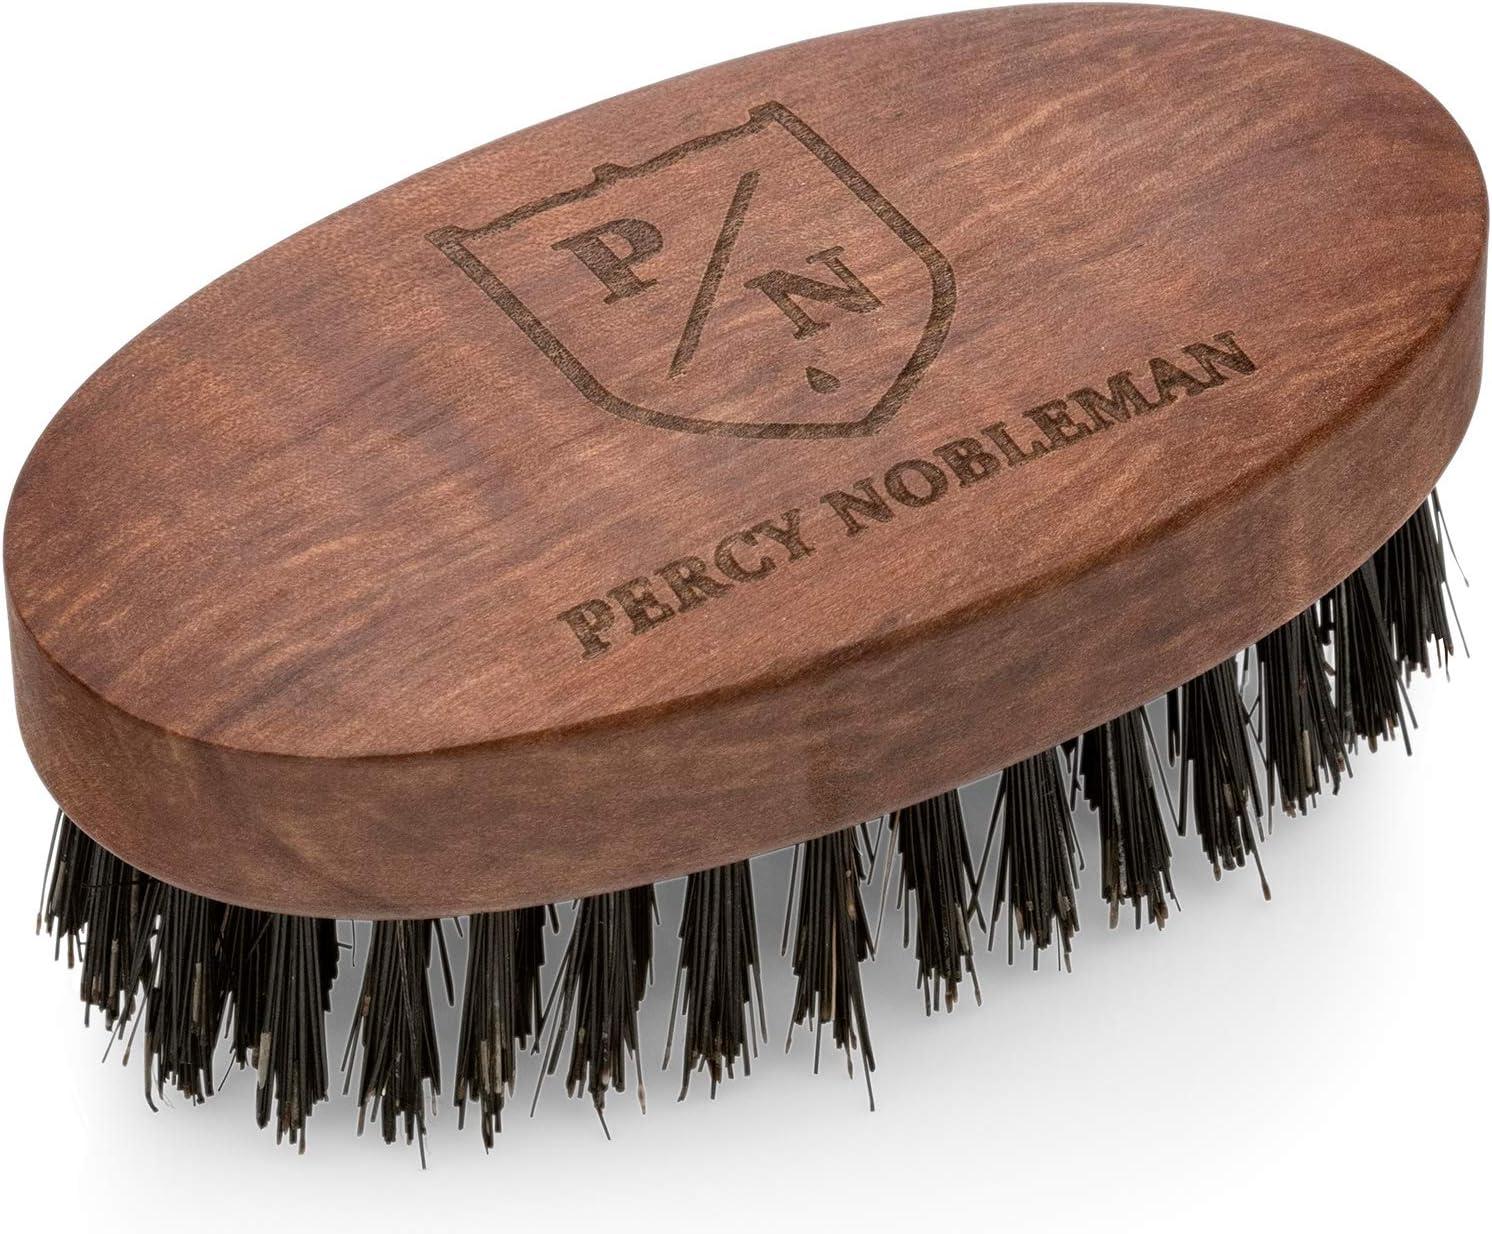 Spazzola per barba vegan Percy Nobleman